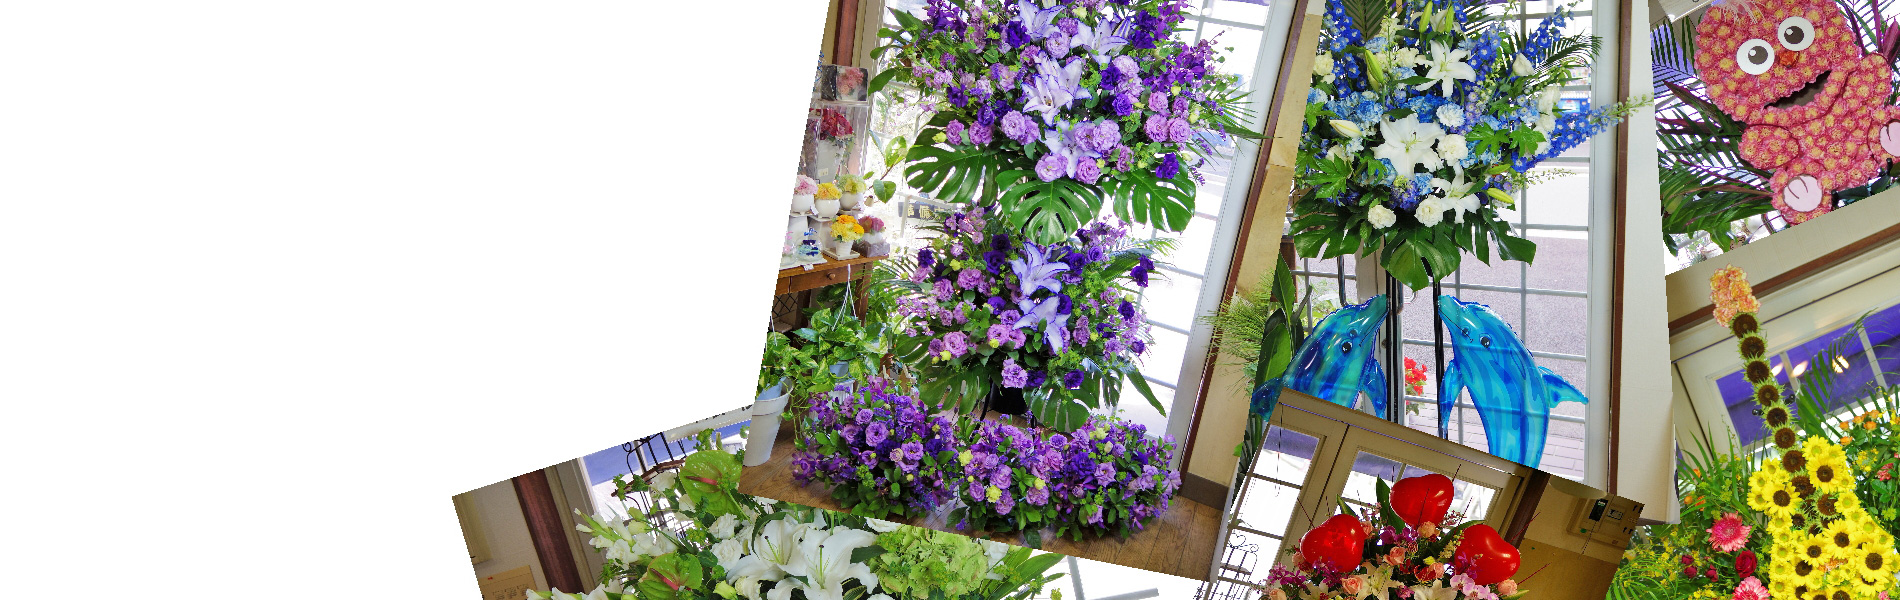 スタンド花 名古屋の花屋さん